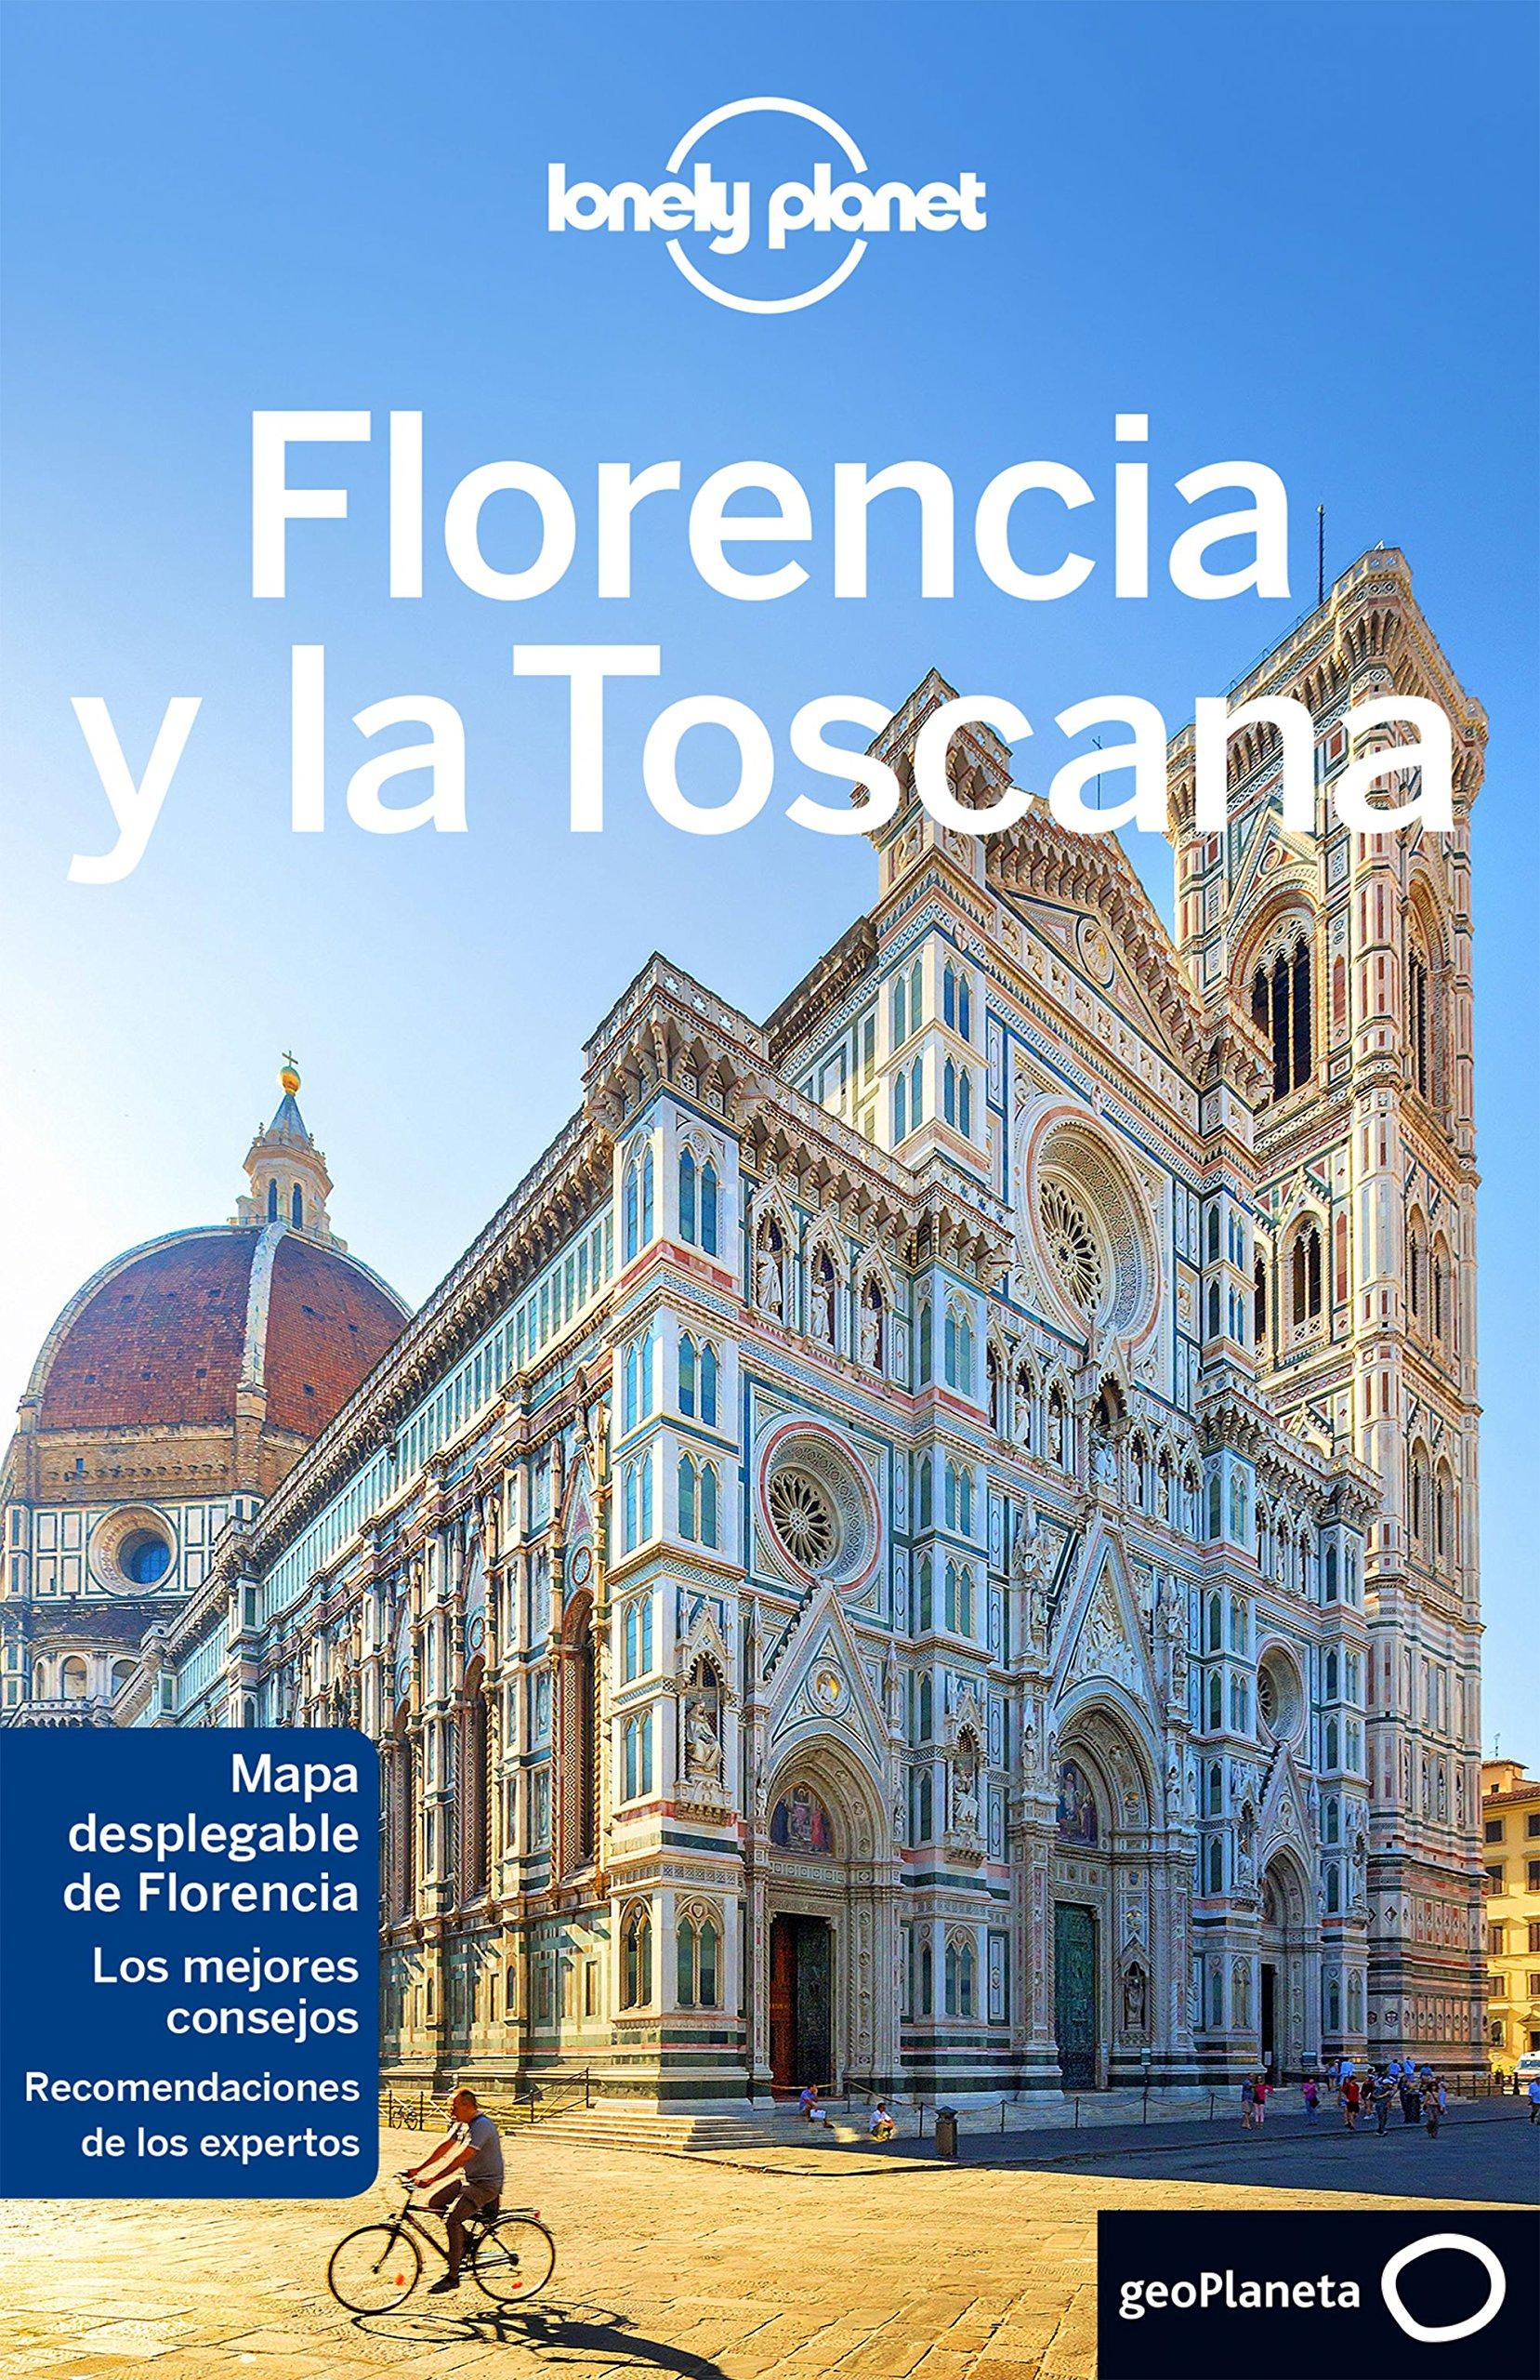 Florencia y la Toscana 5: 1 Guías de Región Lonely Planet Idioma Inglés: Amazon.es: Williams, Nicola, Dixon, Belinda, Delgado Castro, Alberto: Libros